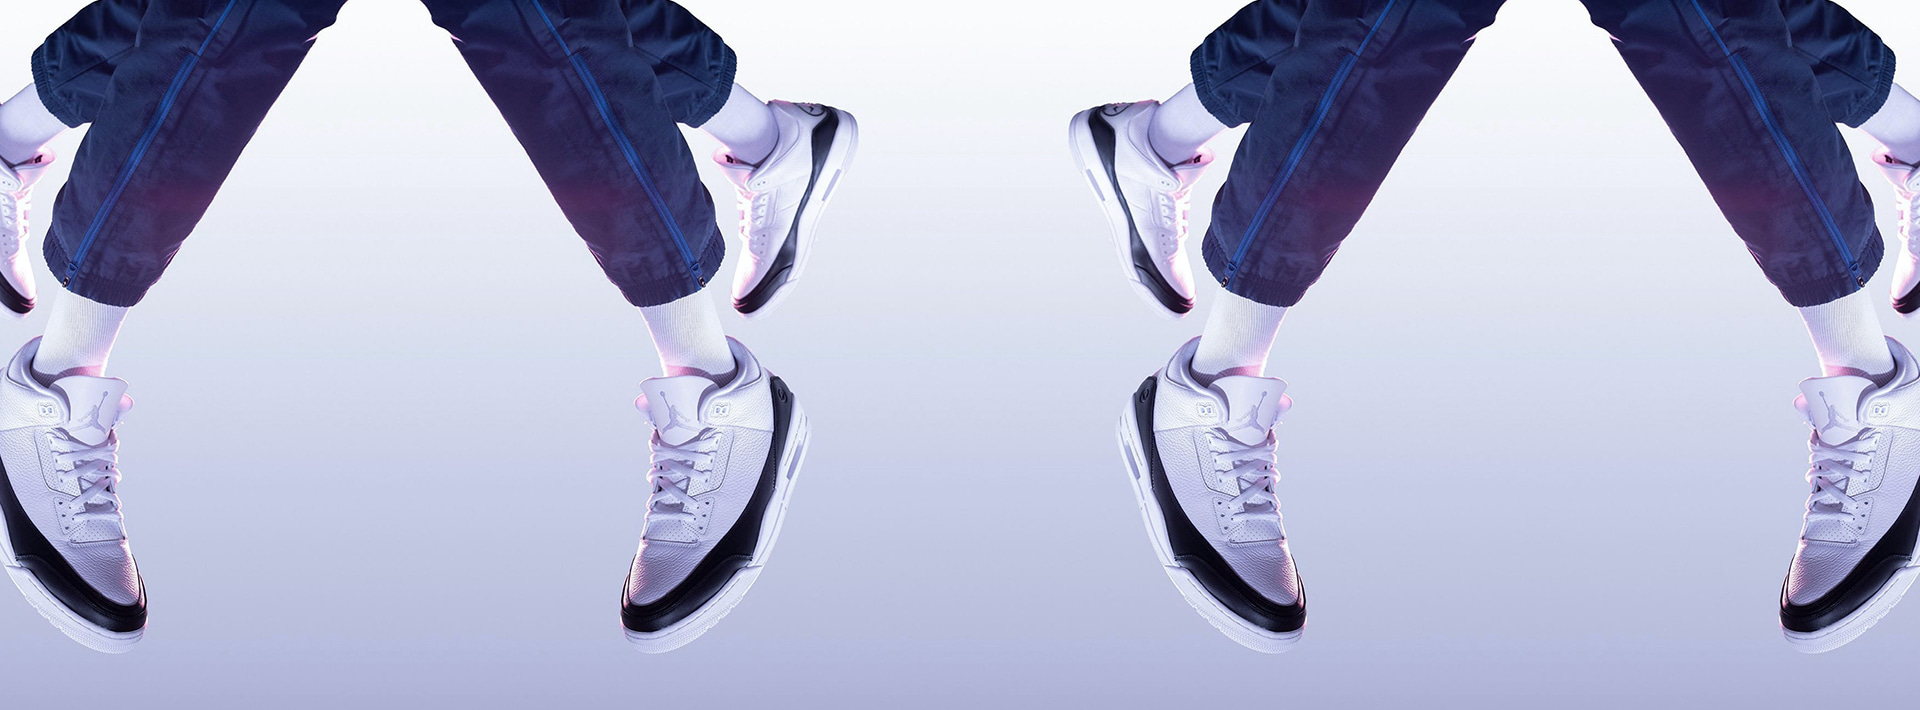 Two Hiroshi Fujiwara's fragment design x Air Jordan are releasing today.